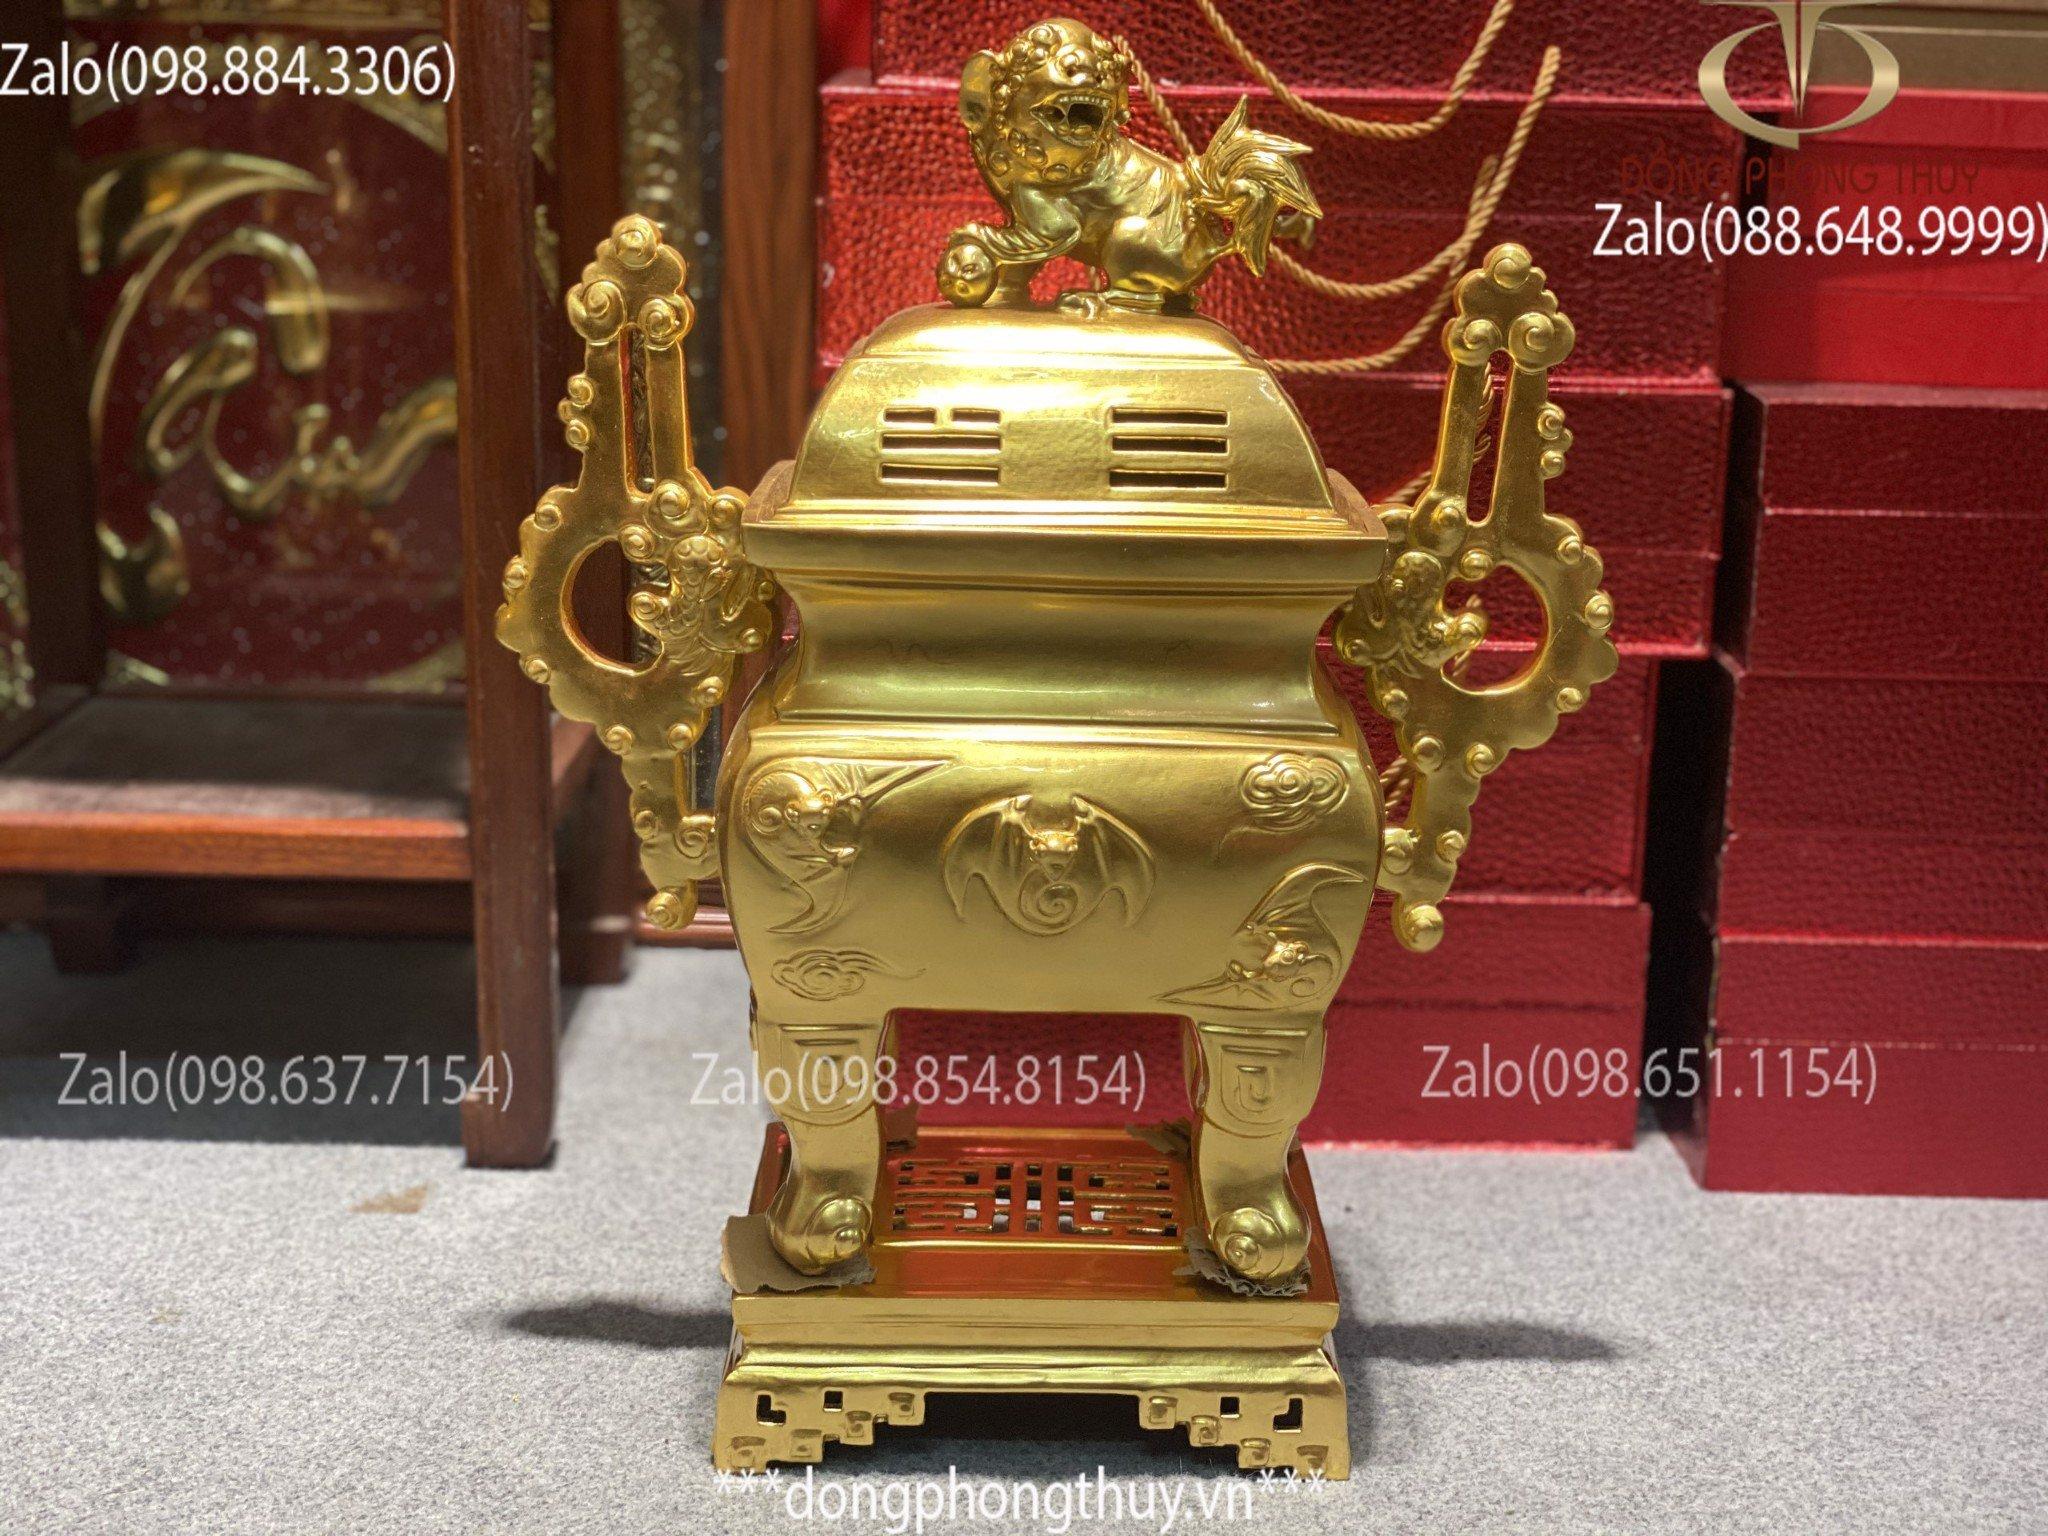 Giá bộ đỉnh đồng ngũ sự, đỉnh đồng vuông cao 55cm dát mạ vàng 24k, đỉnh đồng đại bái